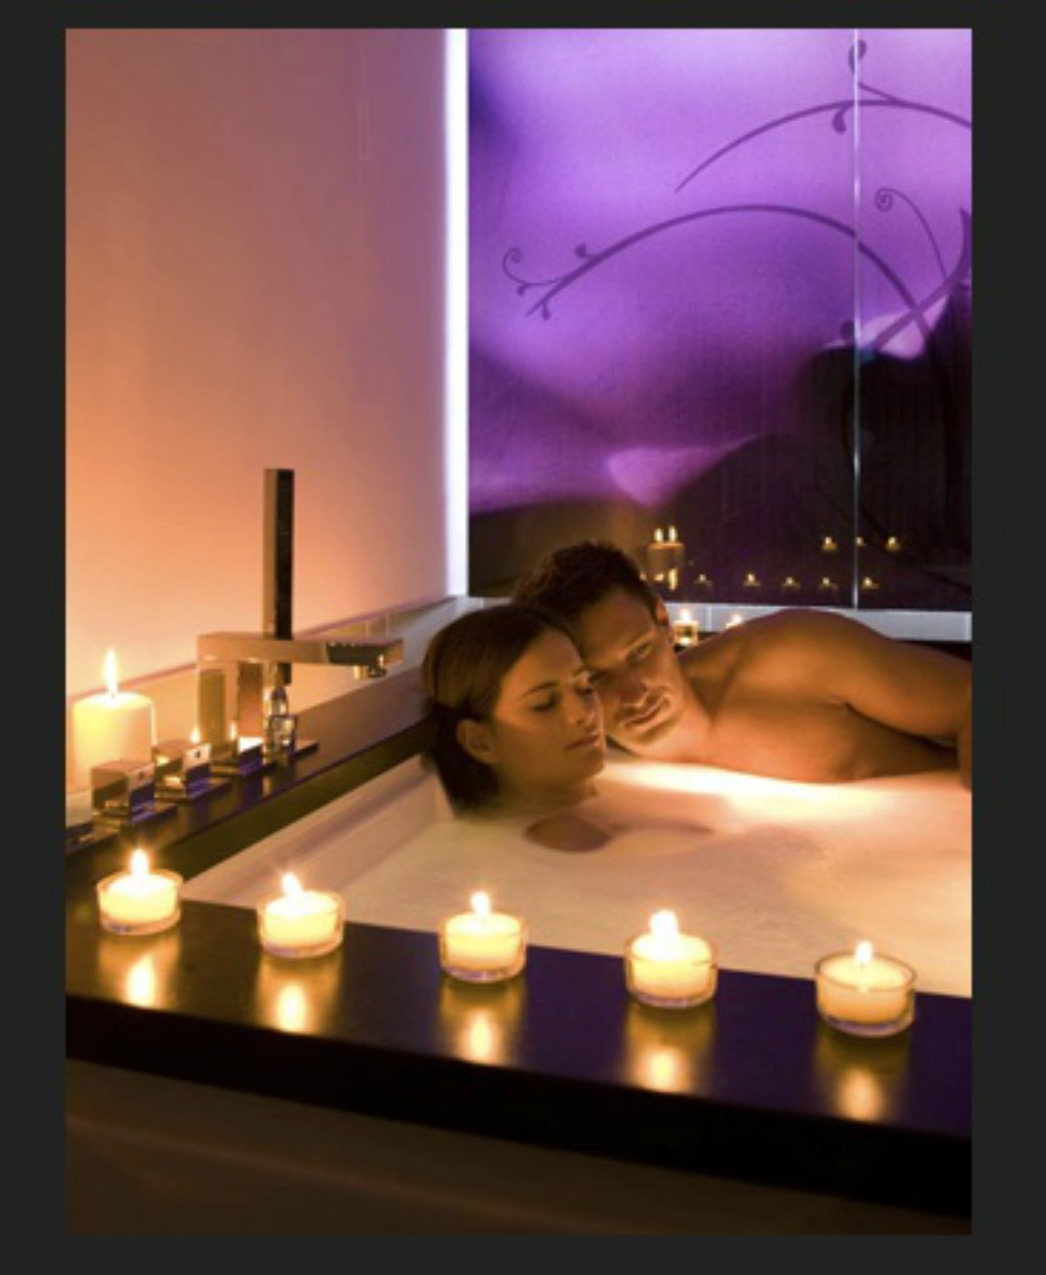 Фото пары в ванне 18 фотография